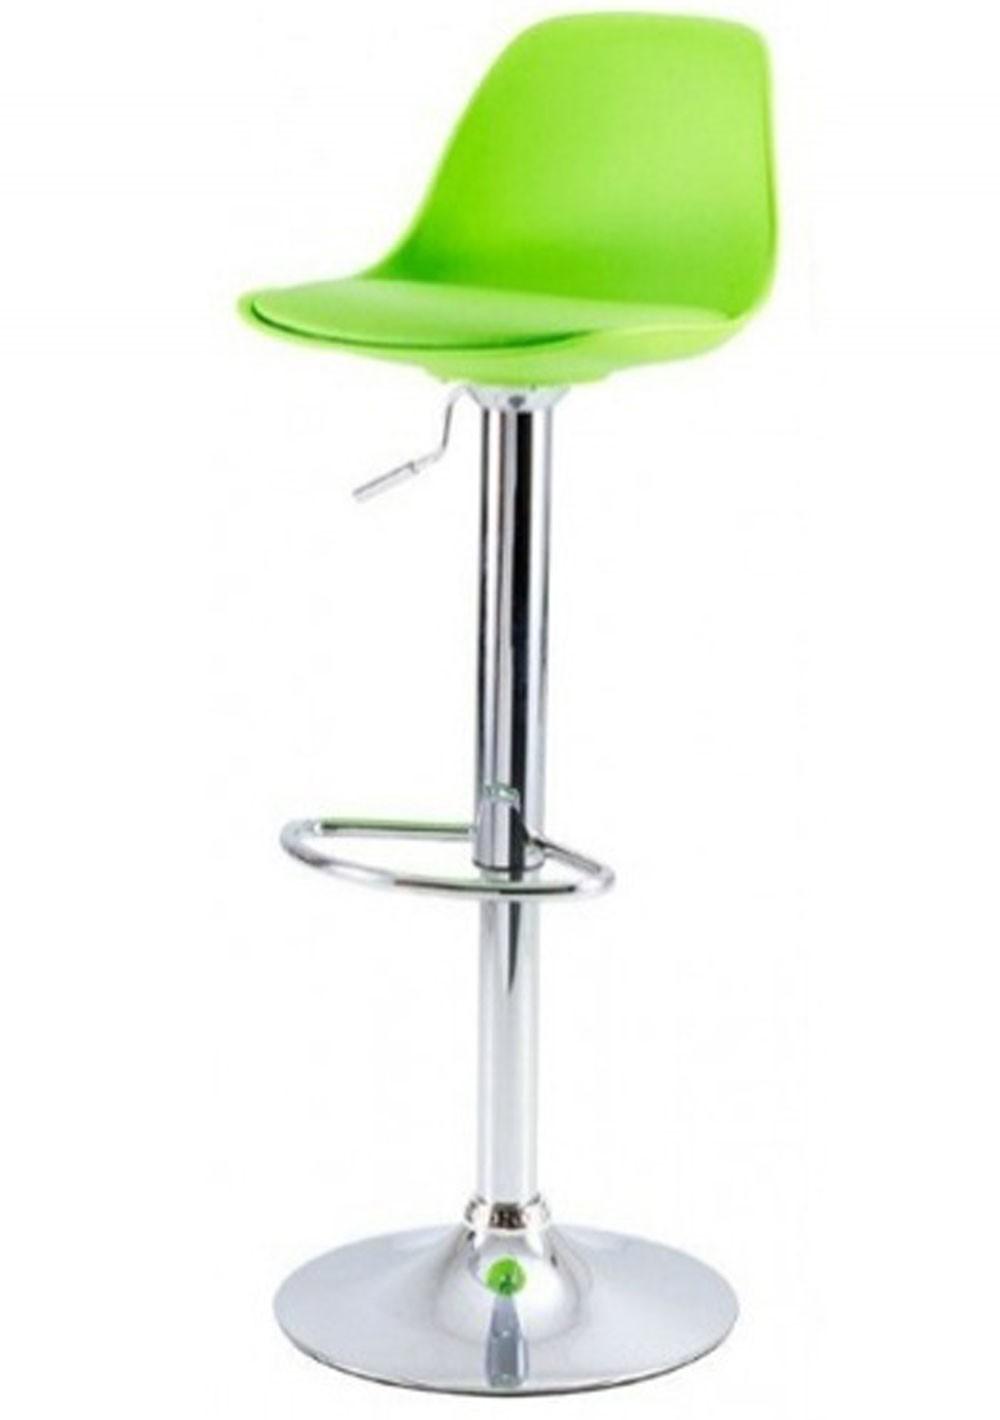 tabouret de bar vert maison et mobilier d 39 int rieur. Black Bedroom Furniture Sets. Home Design Ideas